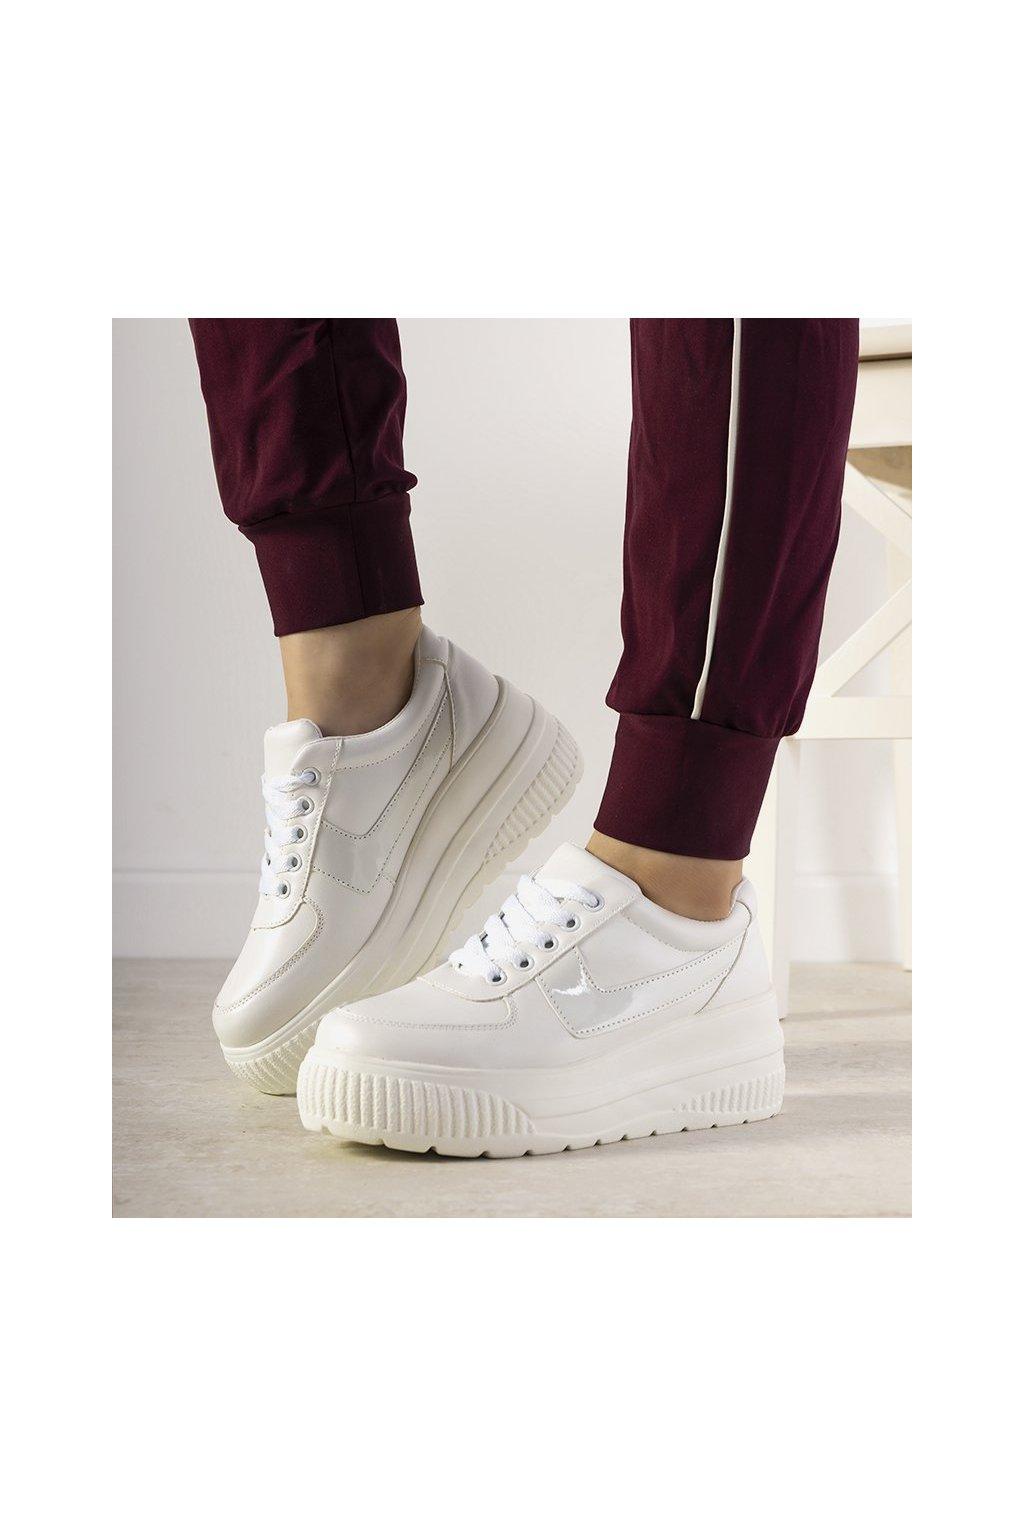 Dámske topánky tenisky biele kód E3141 - GM